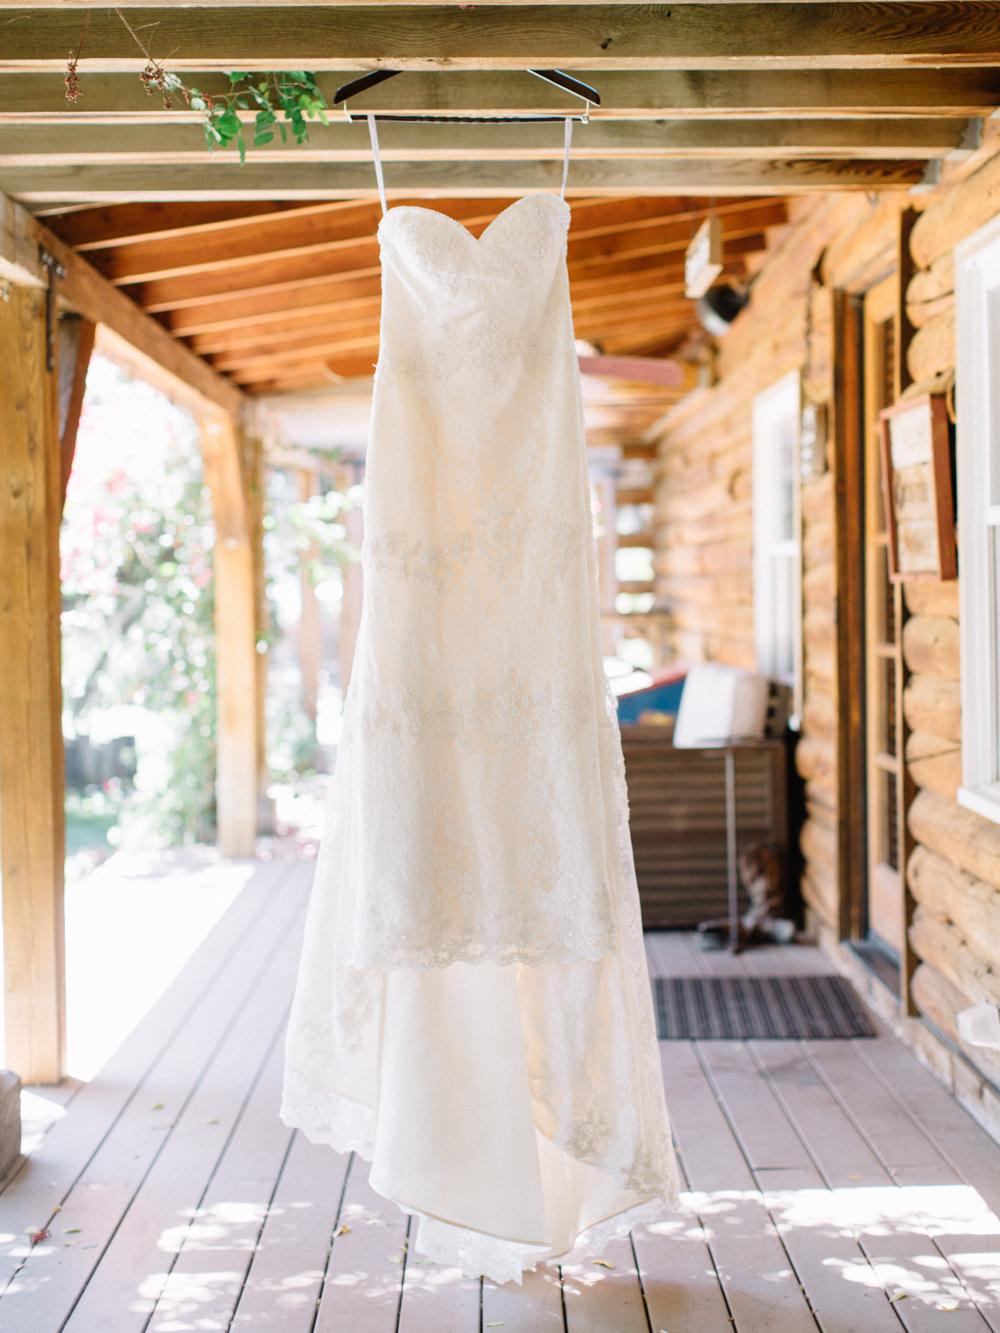 KatrinaKimPhotography_Wedding-14.jpg